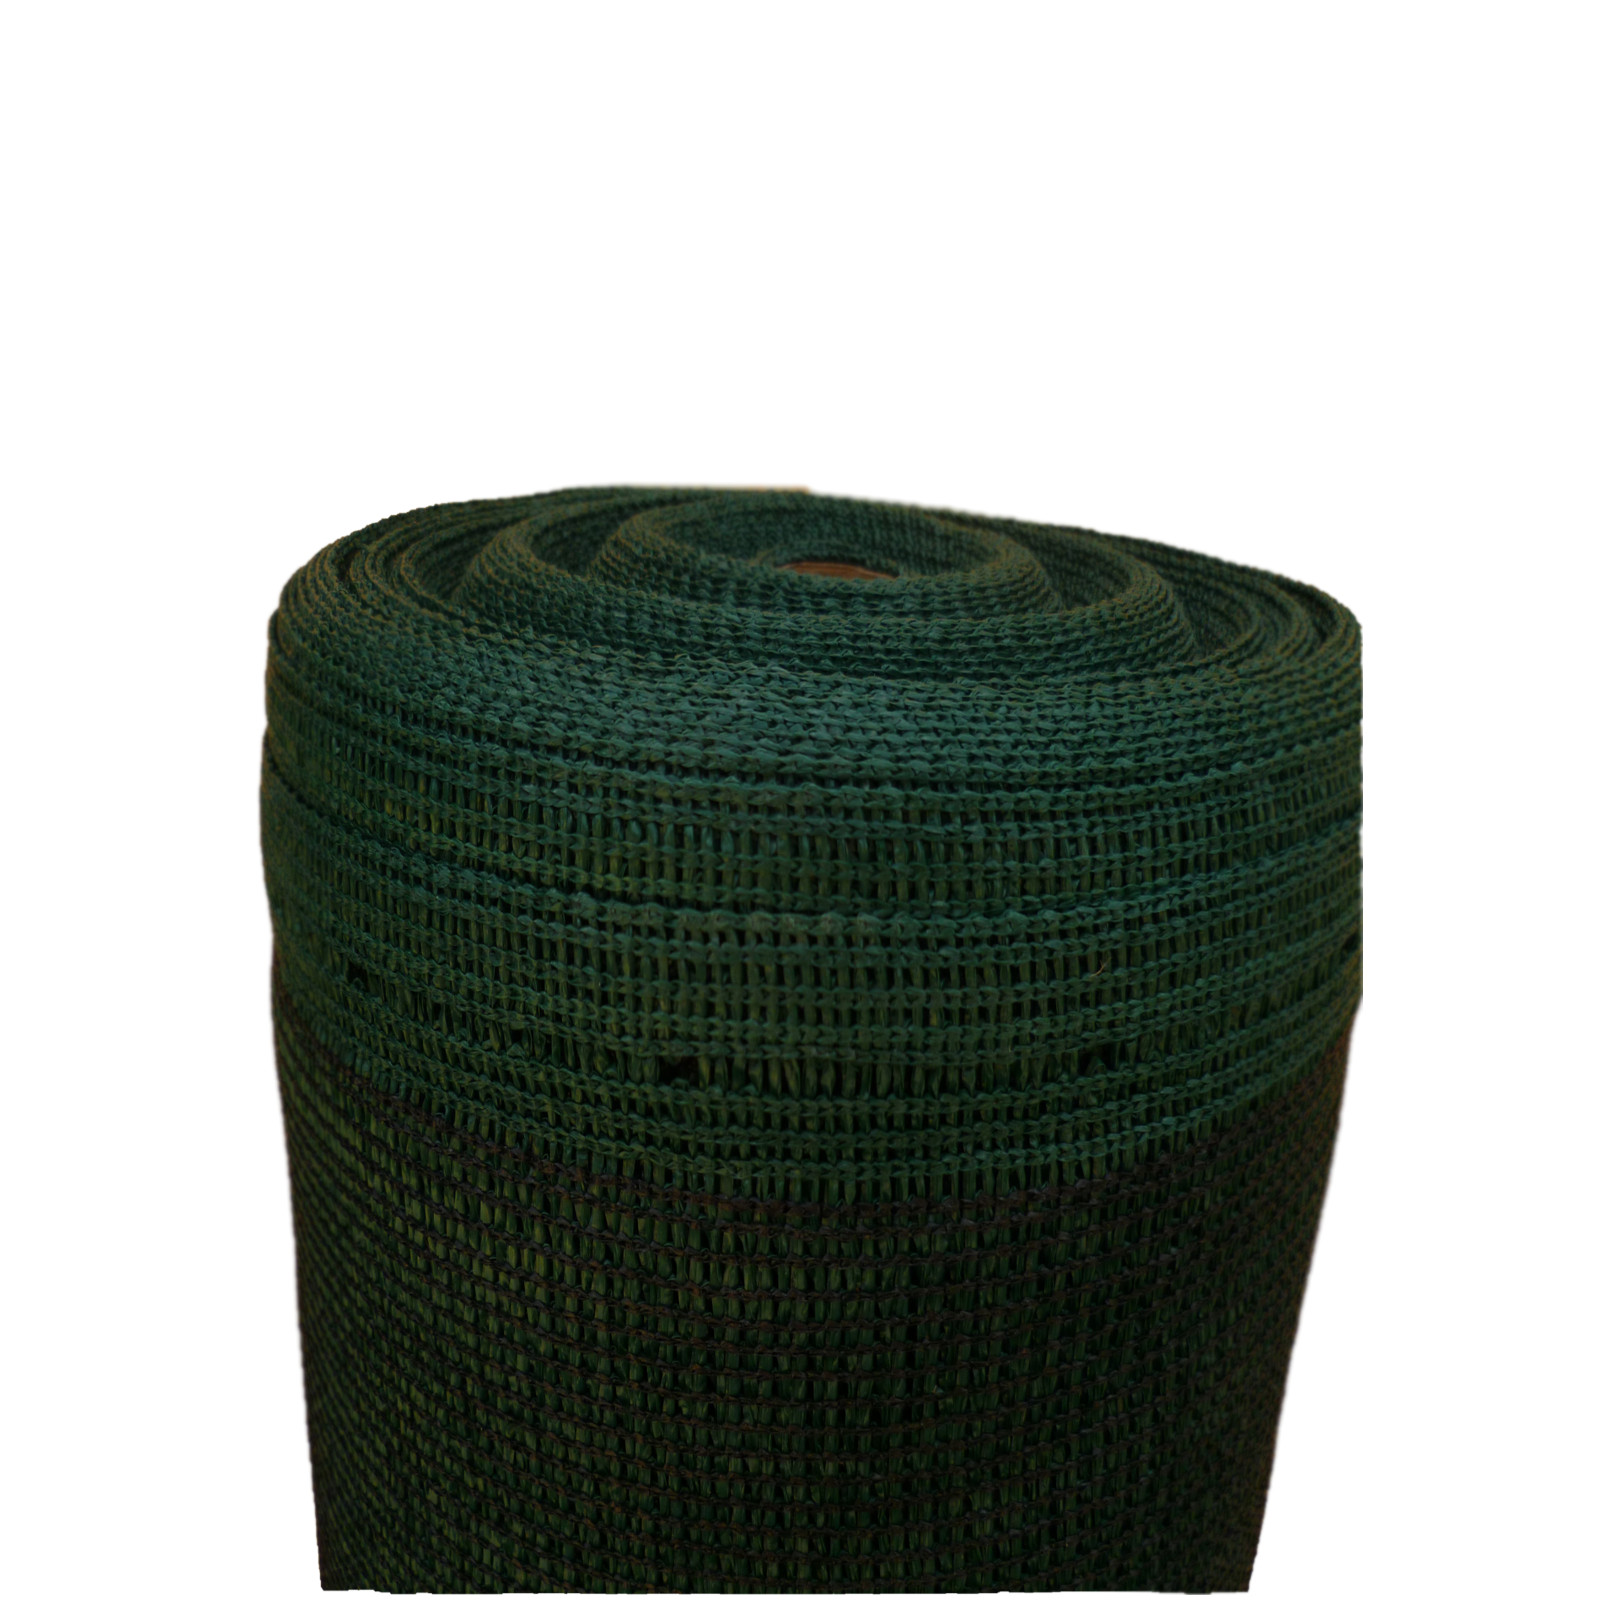 10m schattiernetz zaunblende sichtschutzzaun sonnenschutz netz 150g 2m breit uv ebay. Black Bedroom Furniture Sets. Home Design Ideas